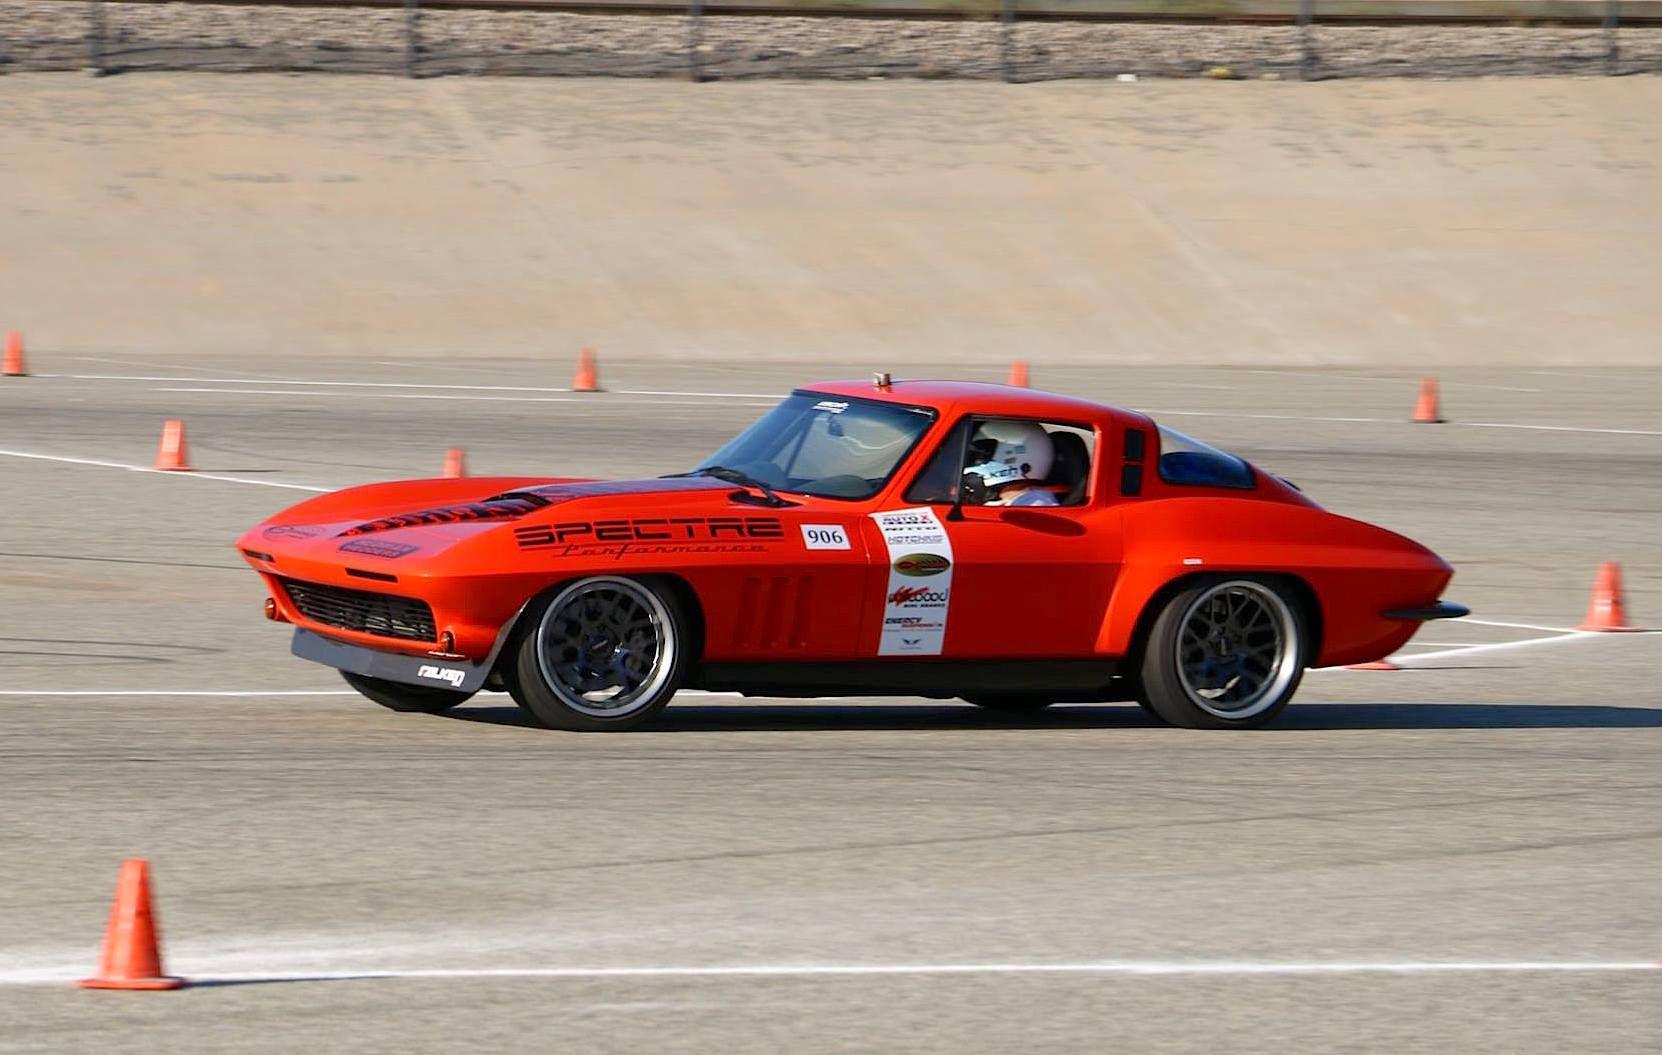 1965 Chevrolet Corvette Stingray | Greg Thurmond Wins Classic Muscle Class at NMCA West Autocross in his '65 SCAR Corvette on Forgeline DE3C Concave Wheels